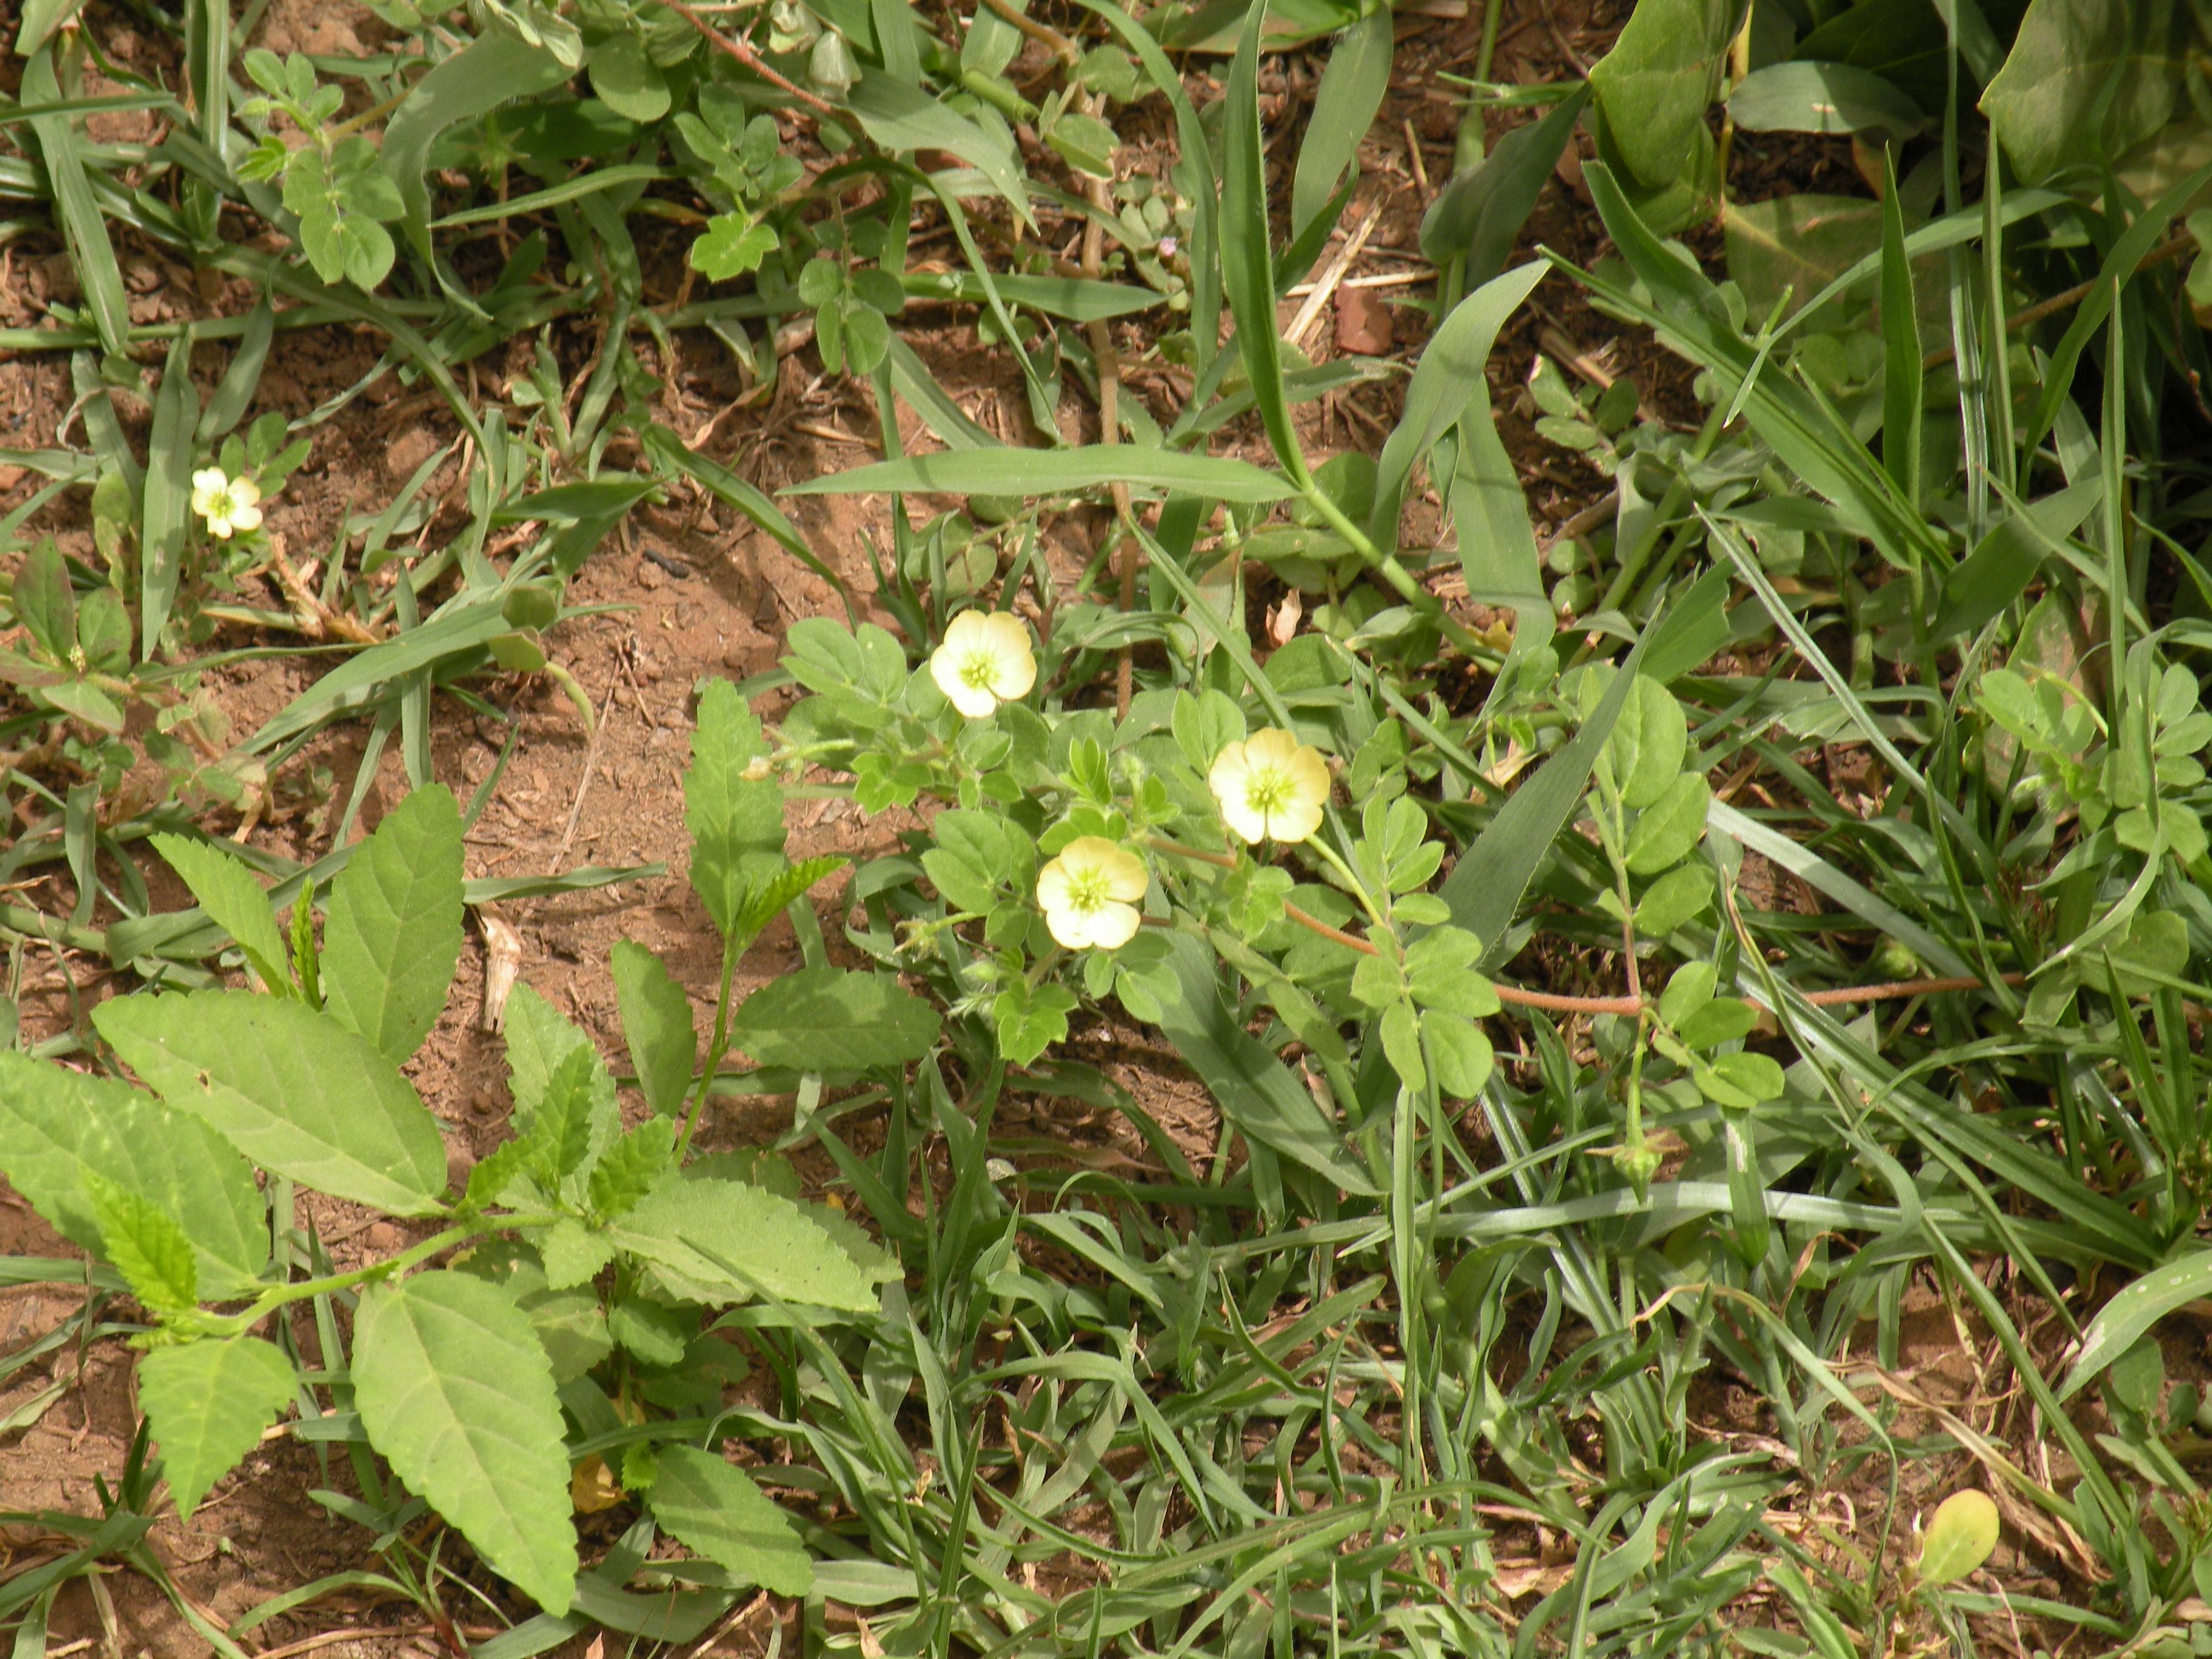 庭園に生育する開花期の植物